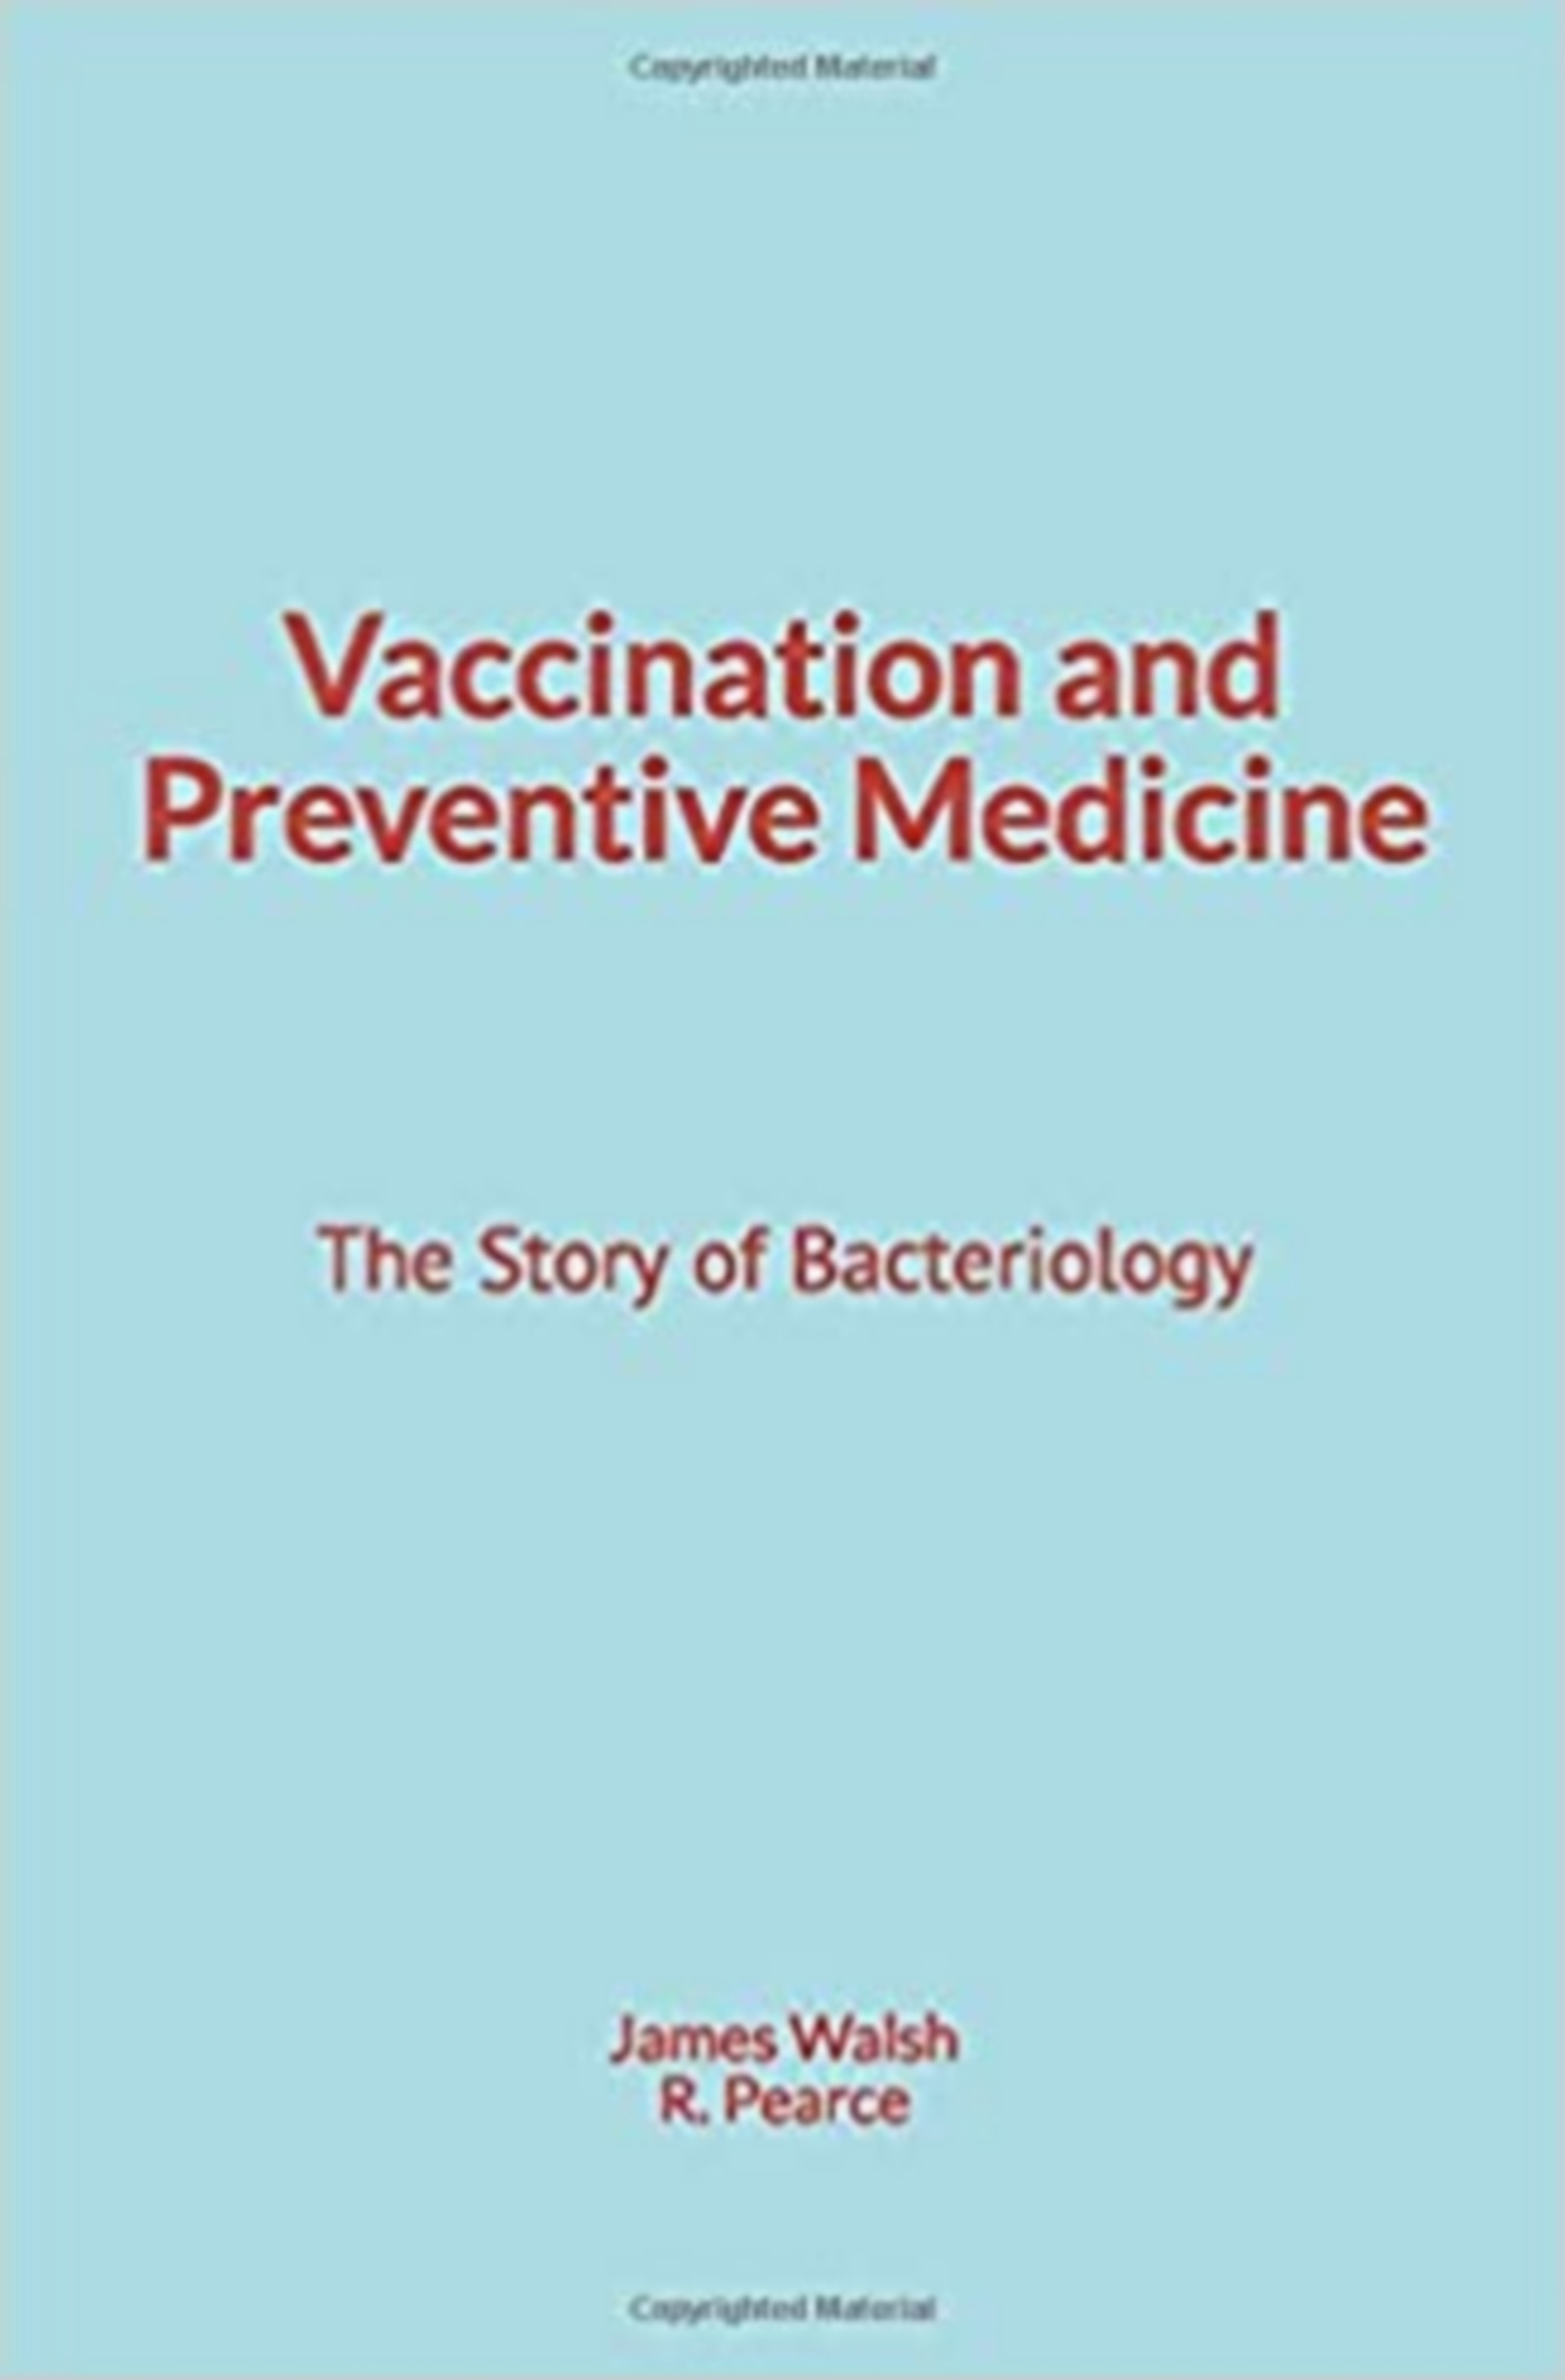 Vaccination and Preventive Medicine